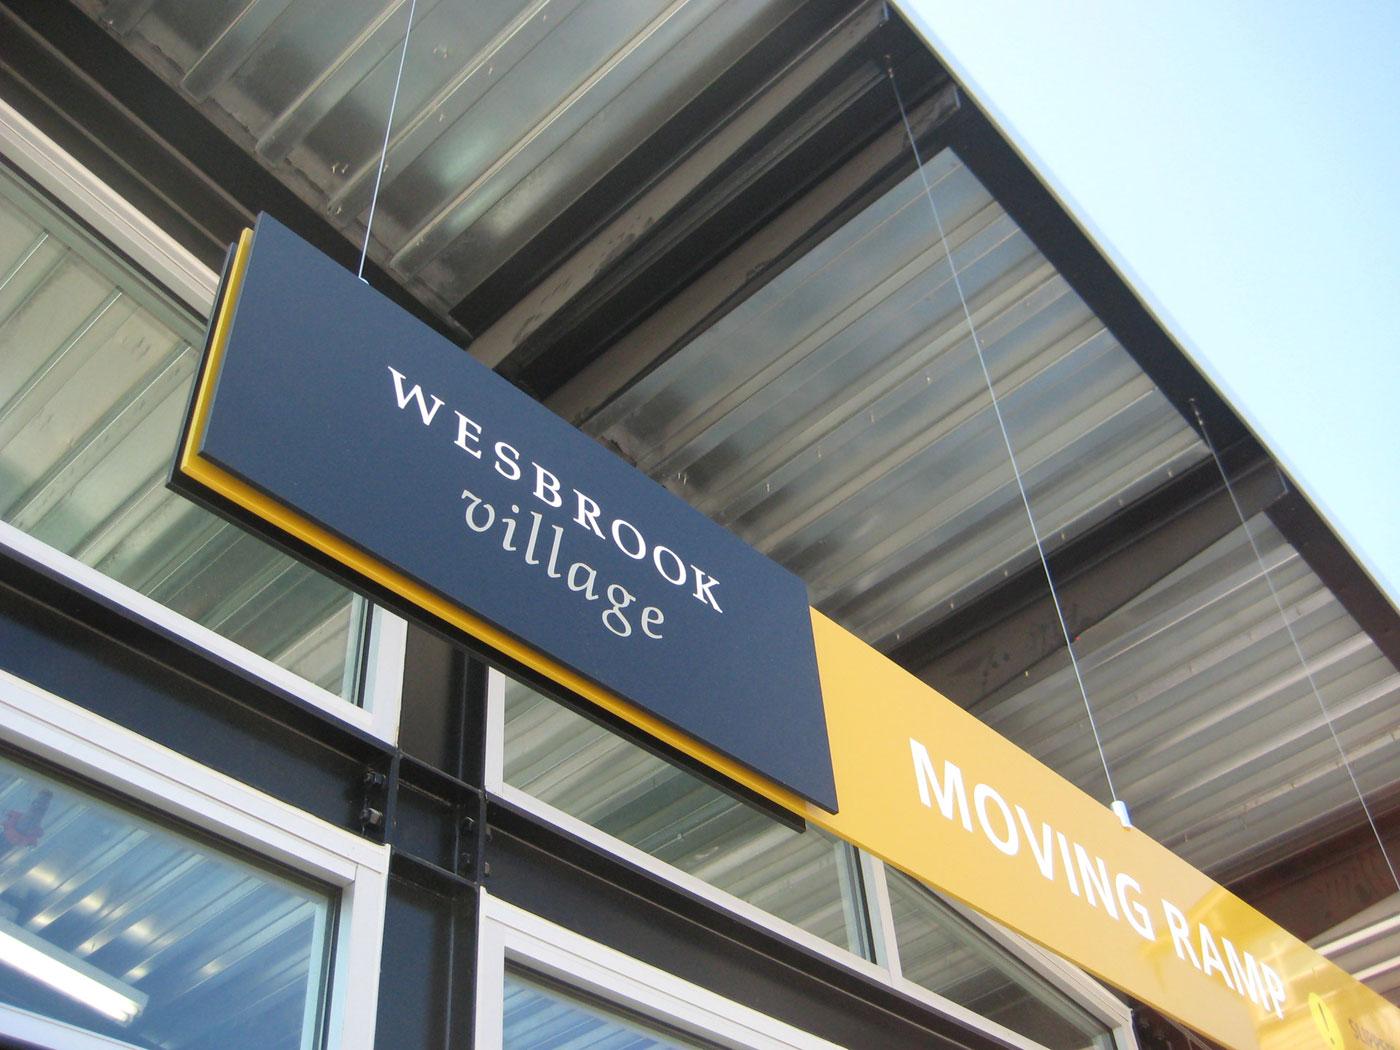 wesbrook_4